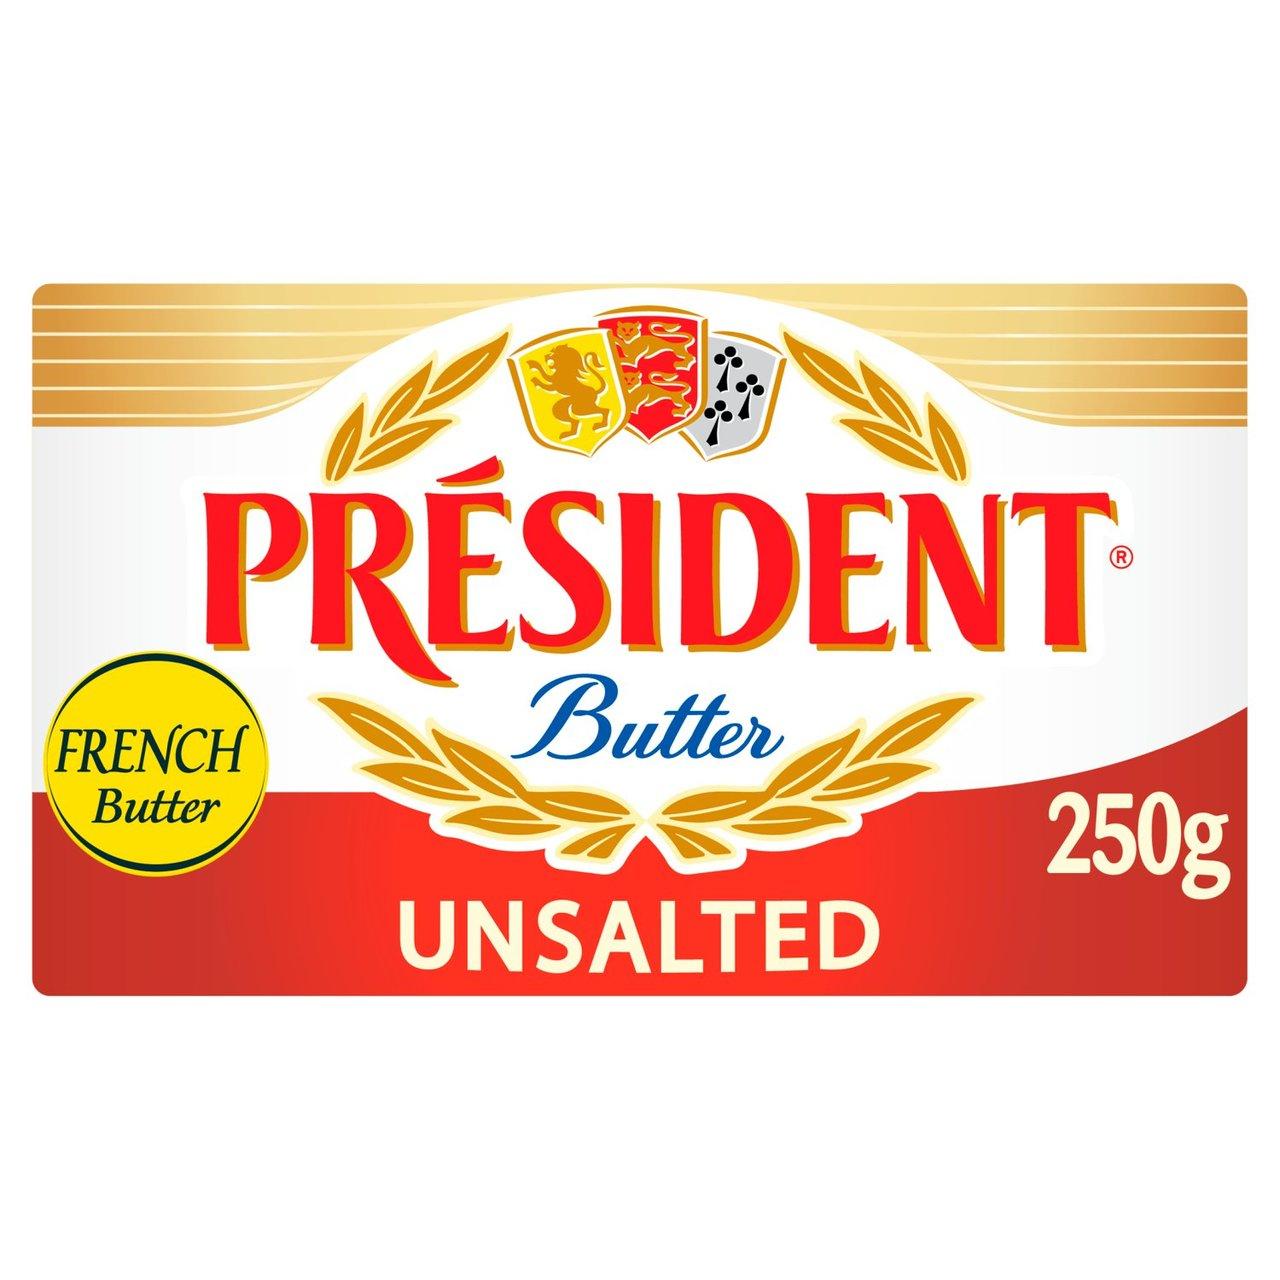 President butter unsalted 250g 87p @ ASDA (Kingswood Hull)